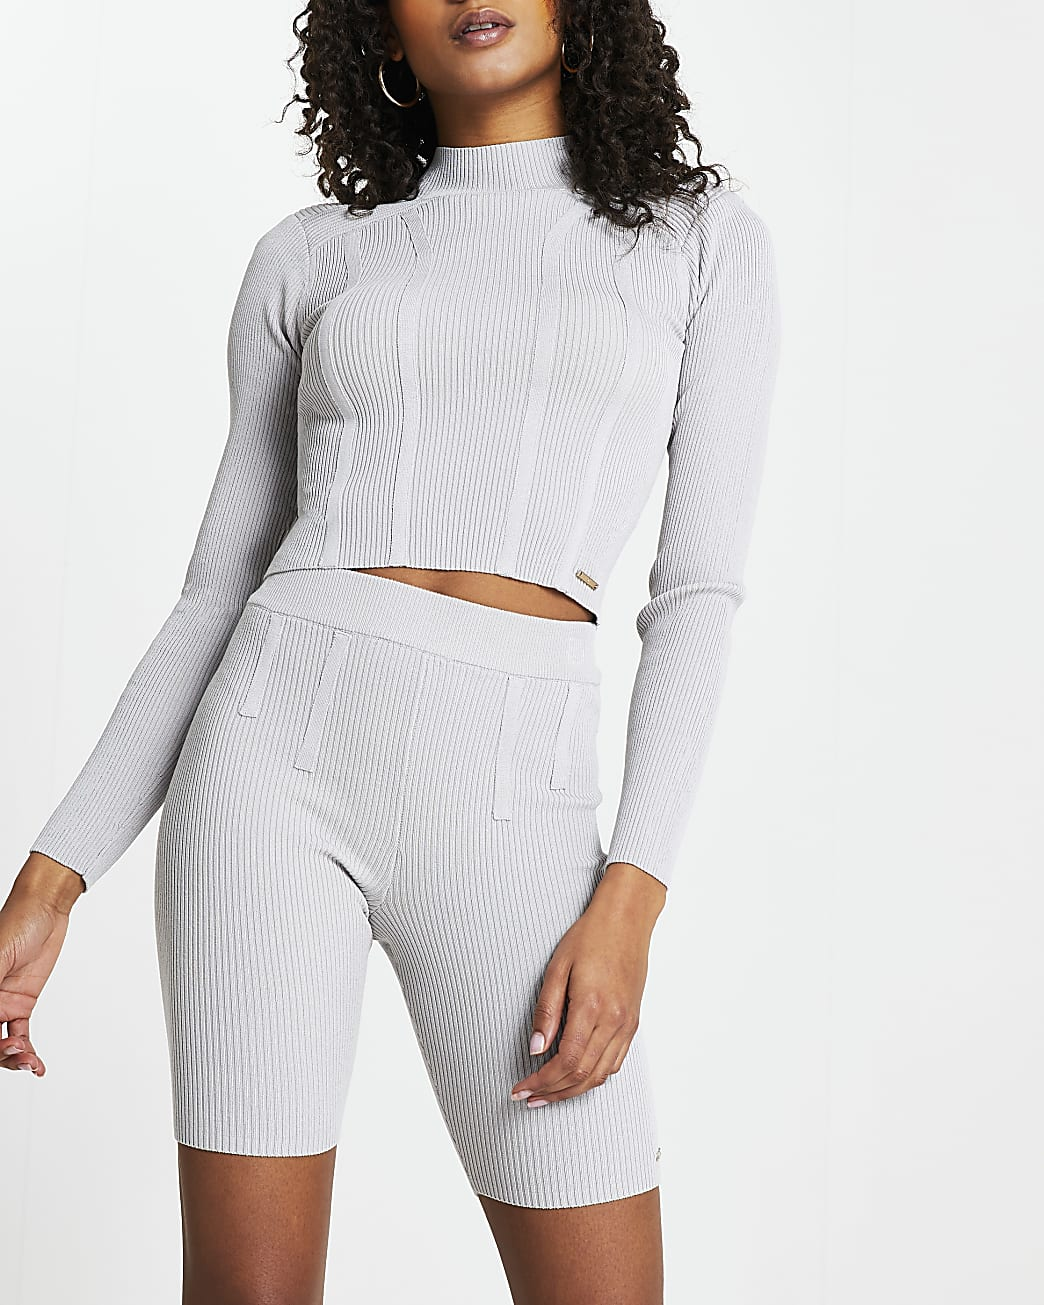 Grey bodyform shoulder pad crop top